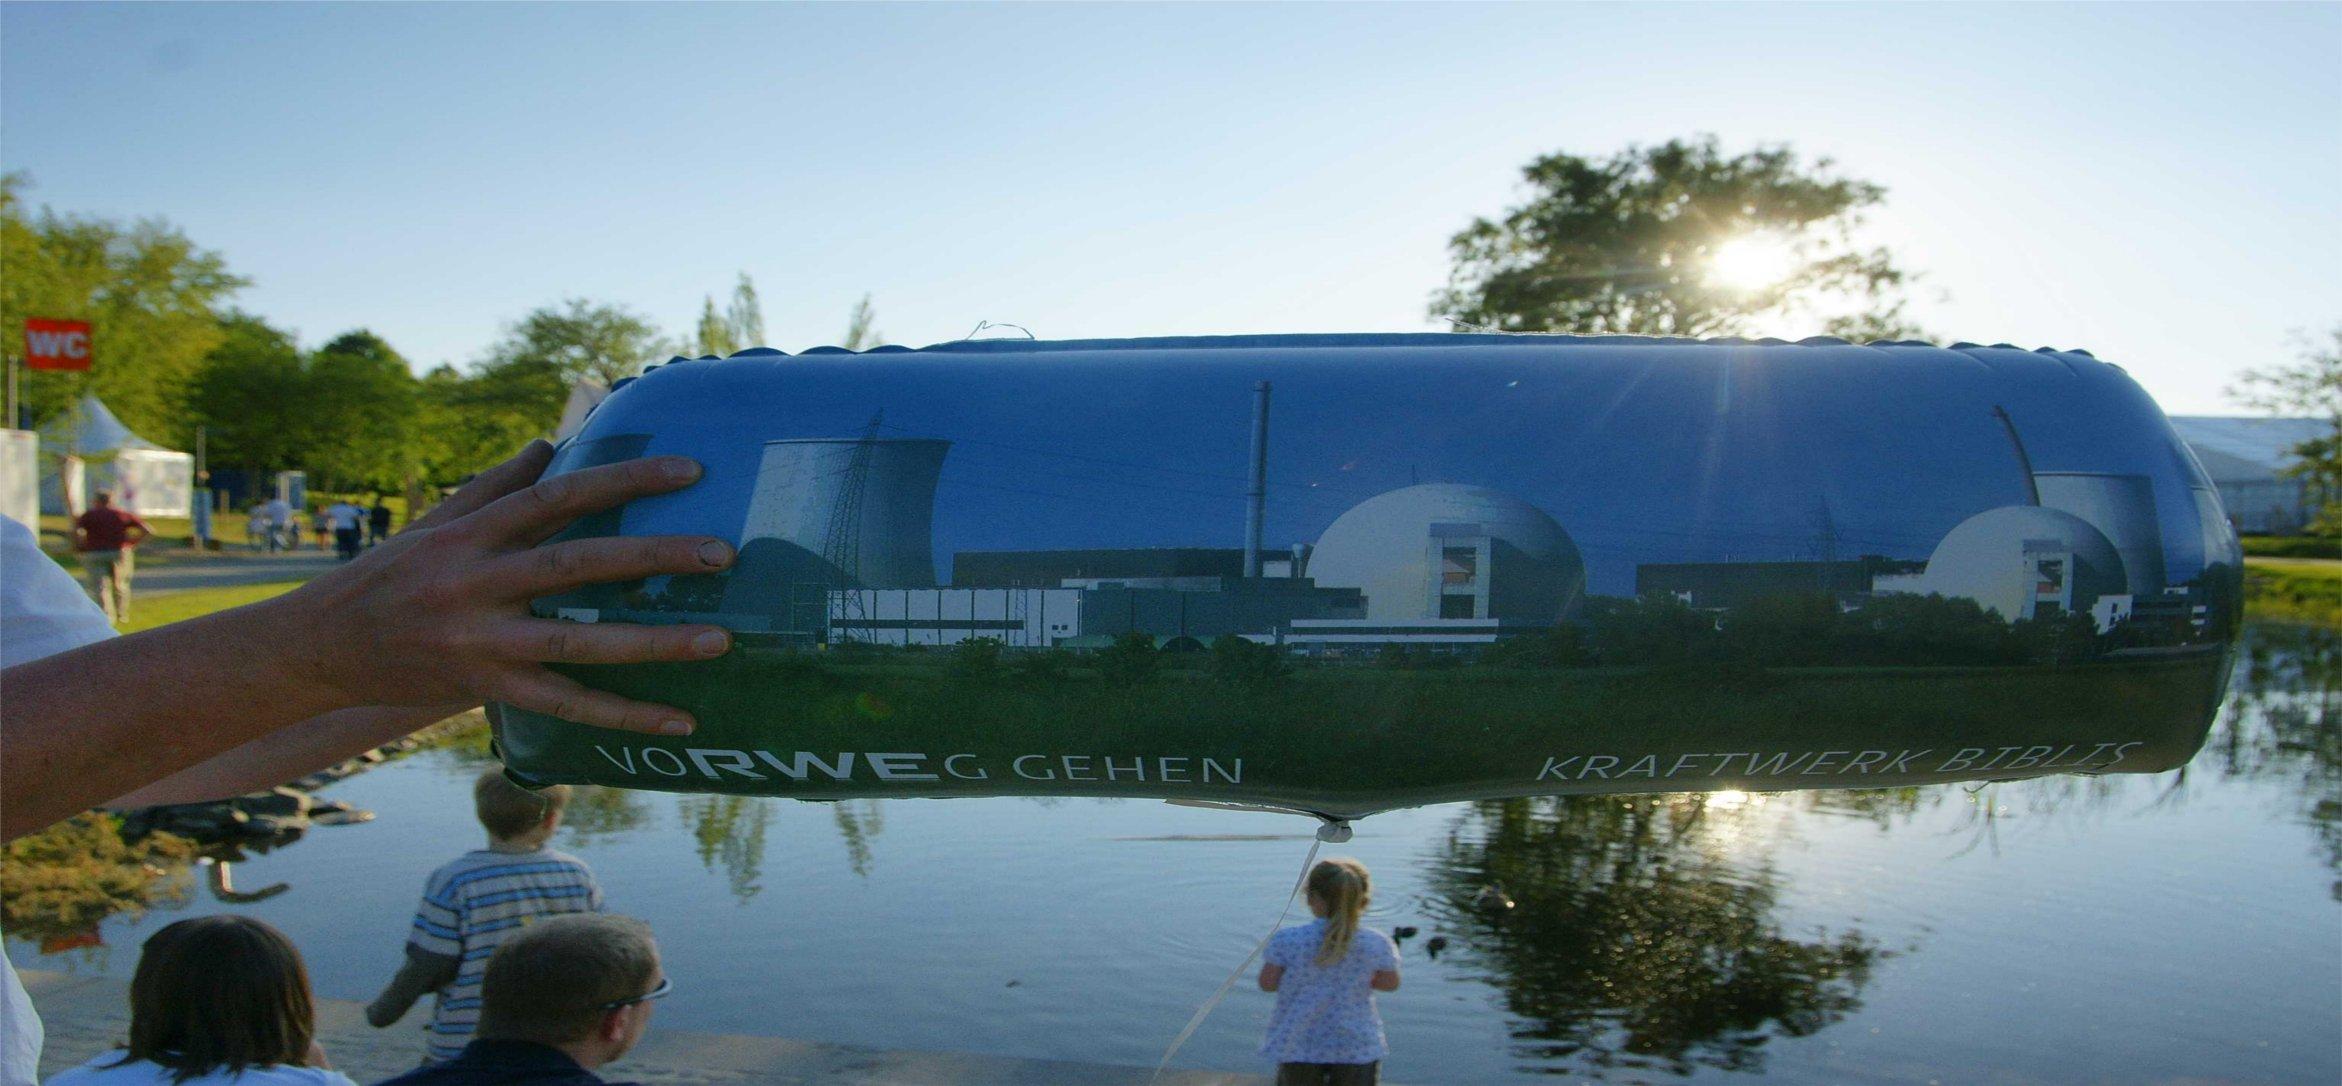 Hessentag 2010: Werbung für Atomkraft und Getreideaufklärung